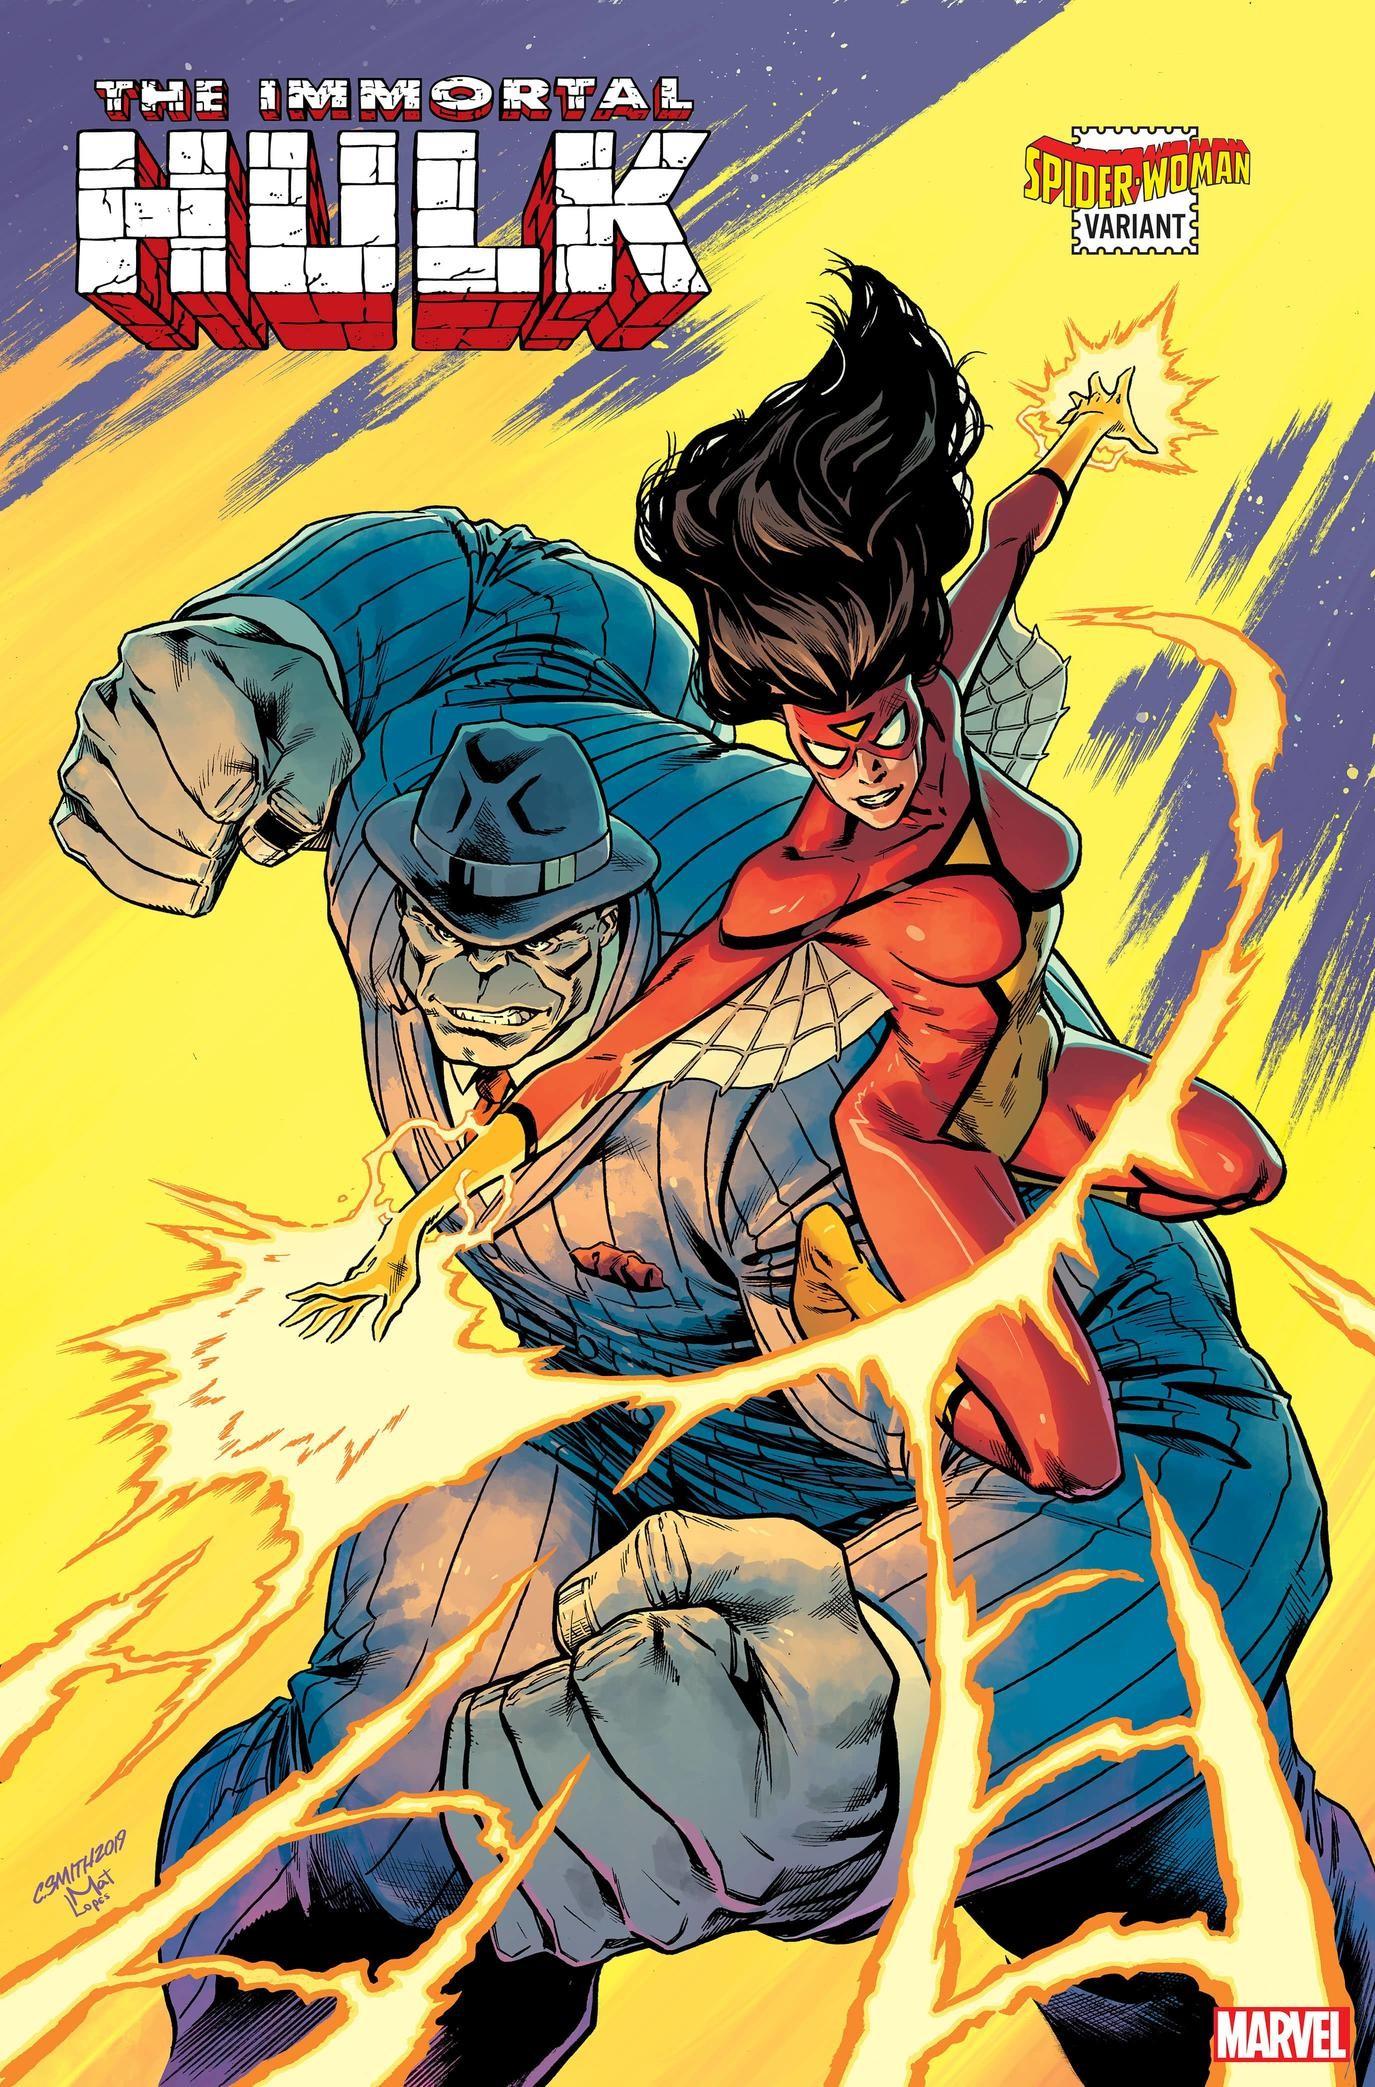 【漫画资讯速递】新《蜘蛛女侠》漫画变体封面 她不是一个人在战斗